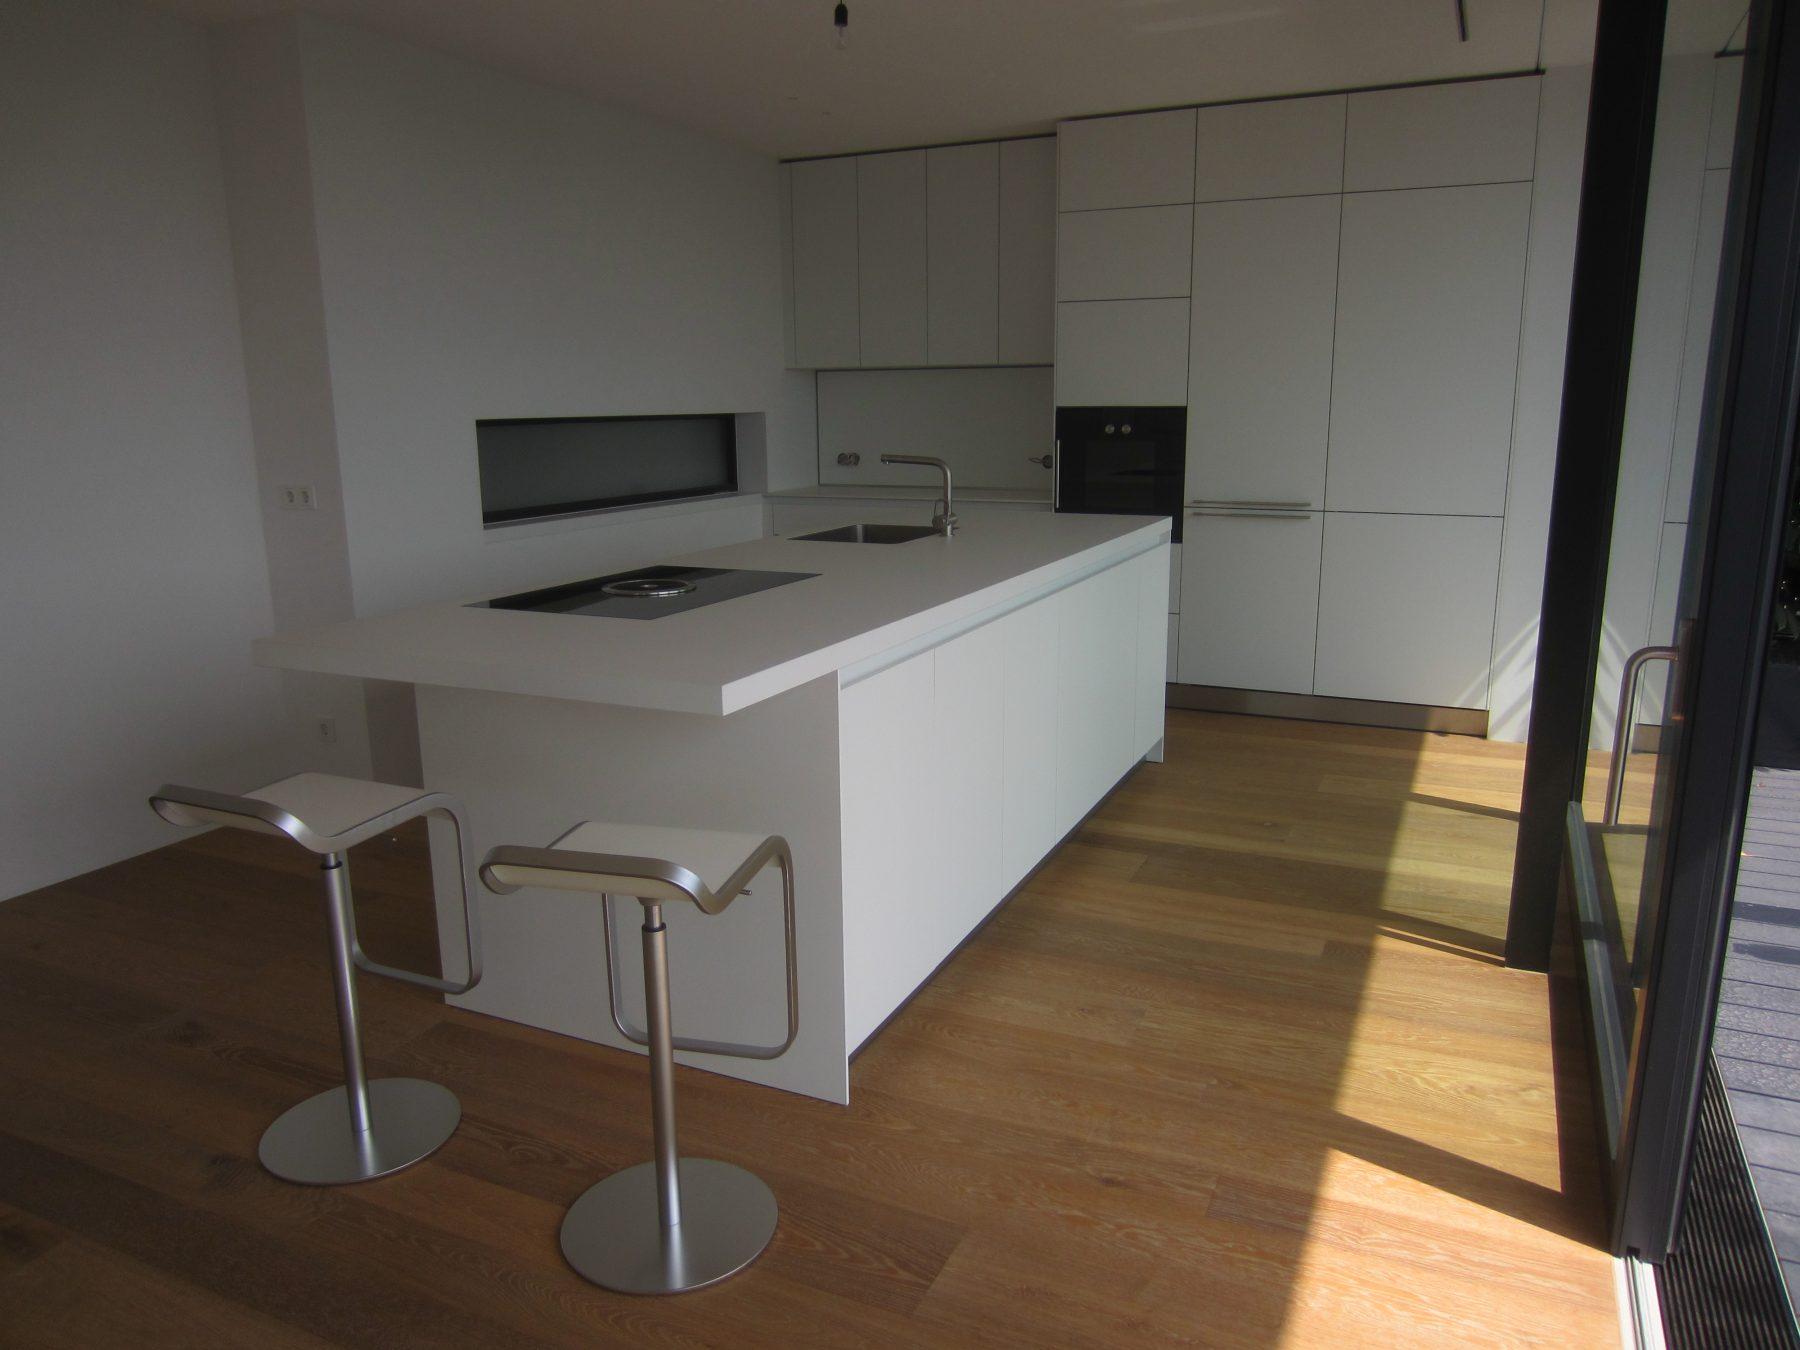 Outdoorküche Deko Dekoter : Wasserhahn küche b1. griffleiste küche ikea eck wasserhahn wohnwagen